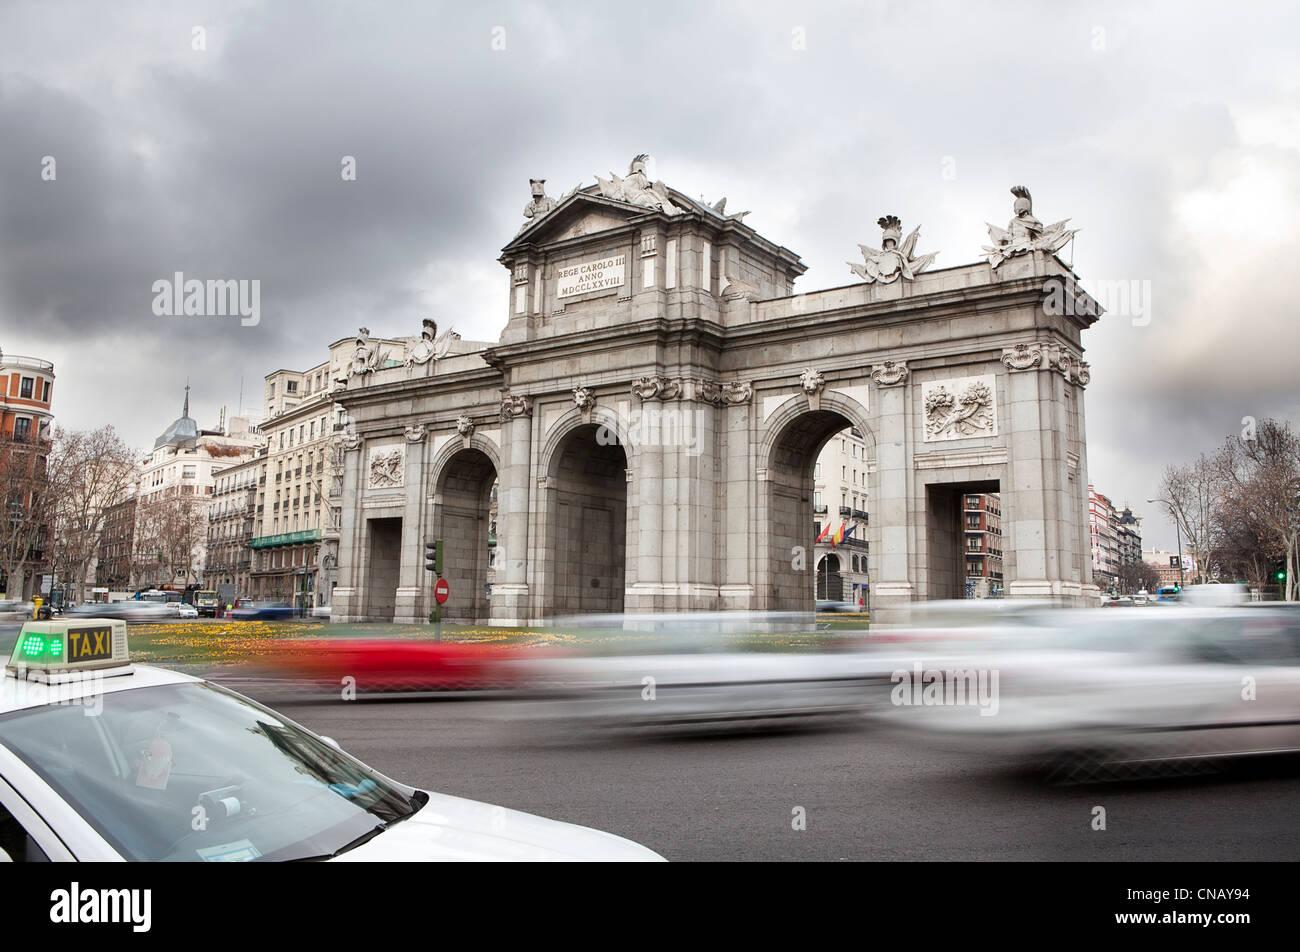 Time lapse vista del tránsito en la ciudad Foto de stock